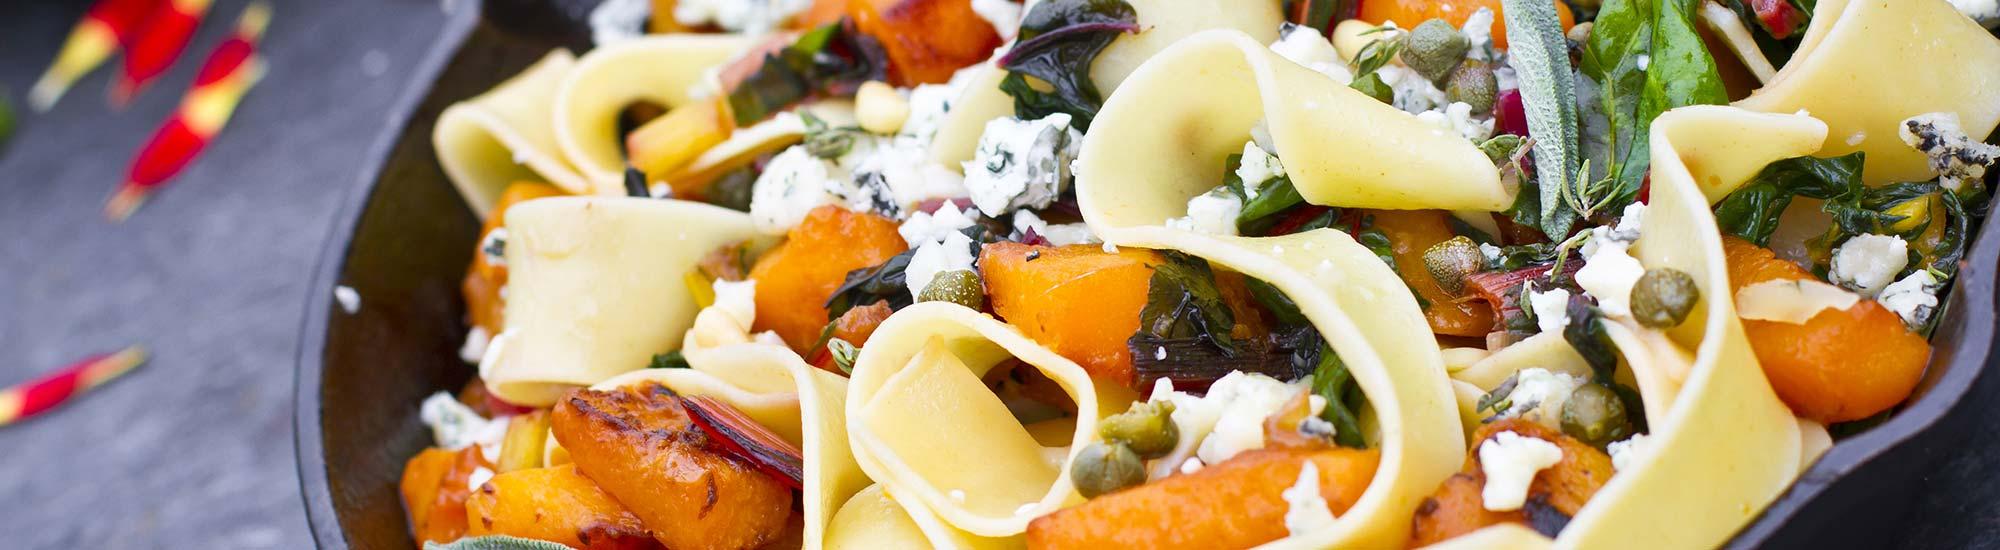 ricetta Pappardelle con zucca arrostita, biete e gorgonzola con pasta fresca